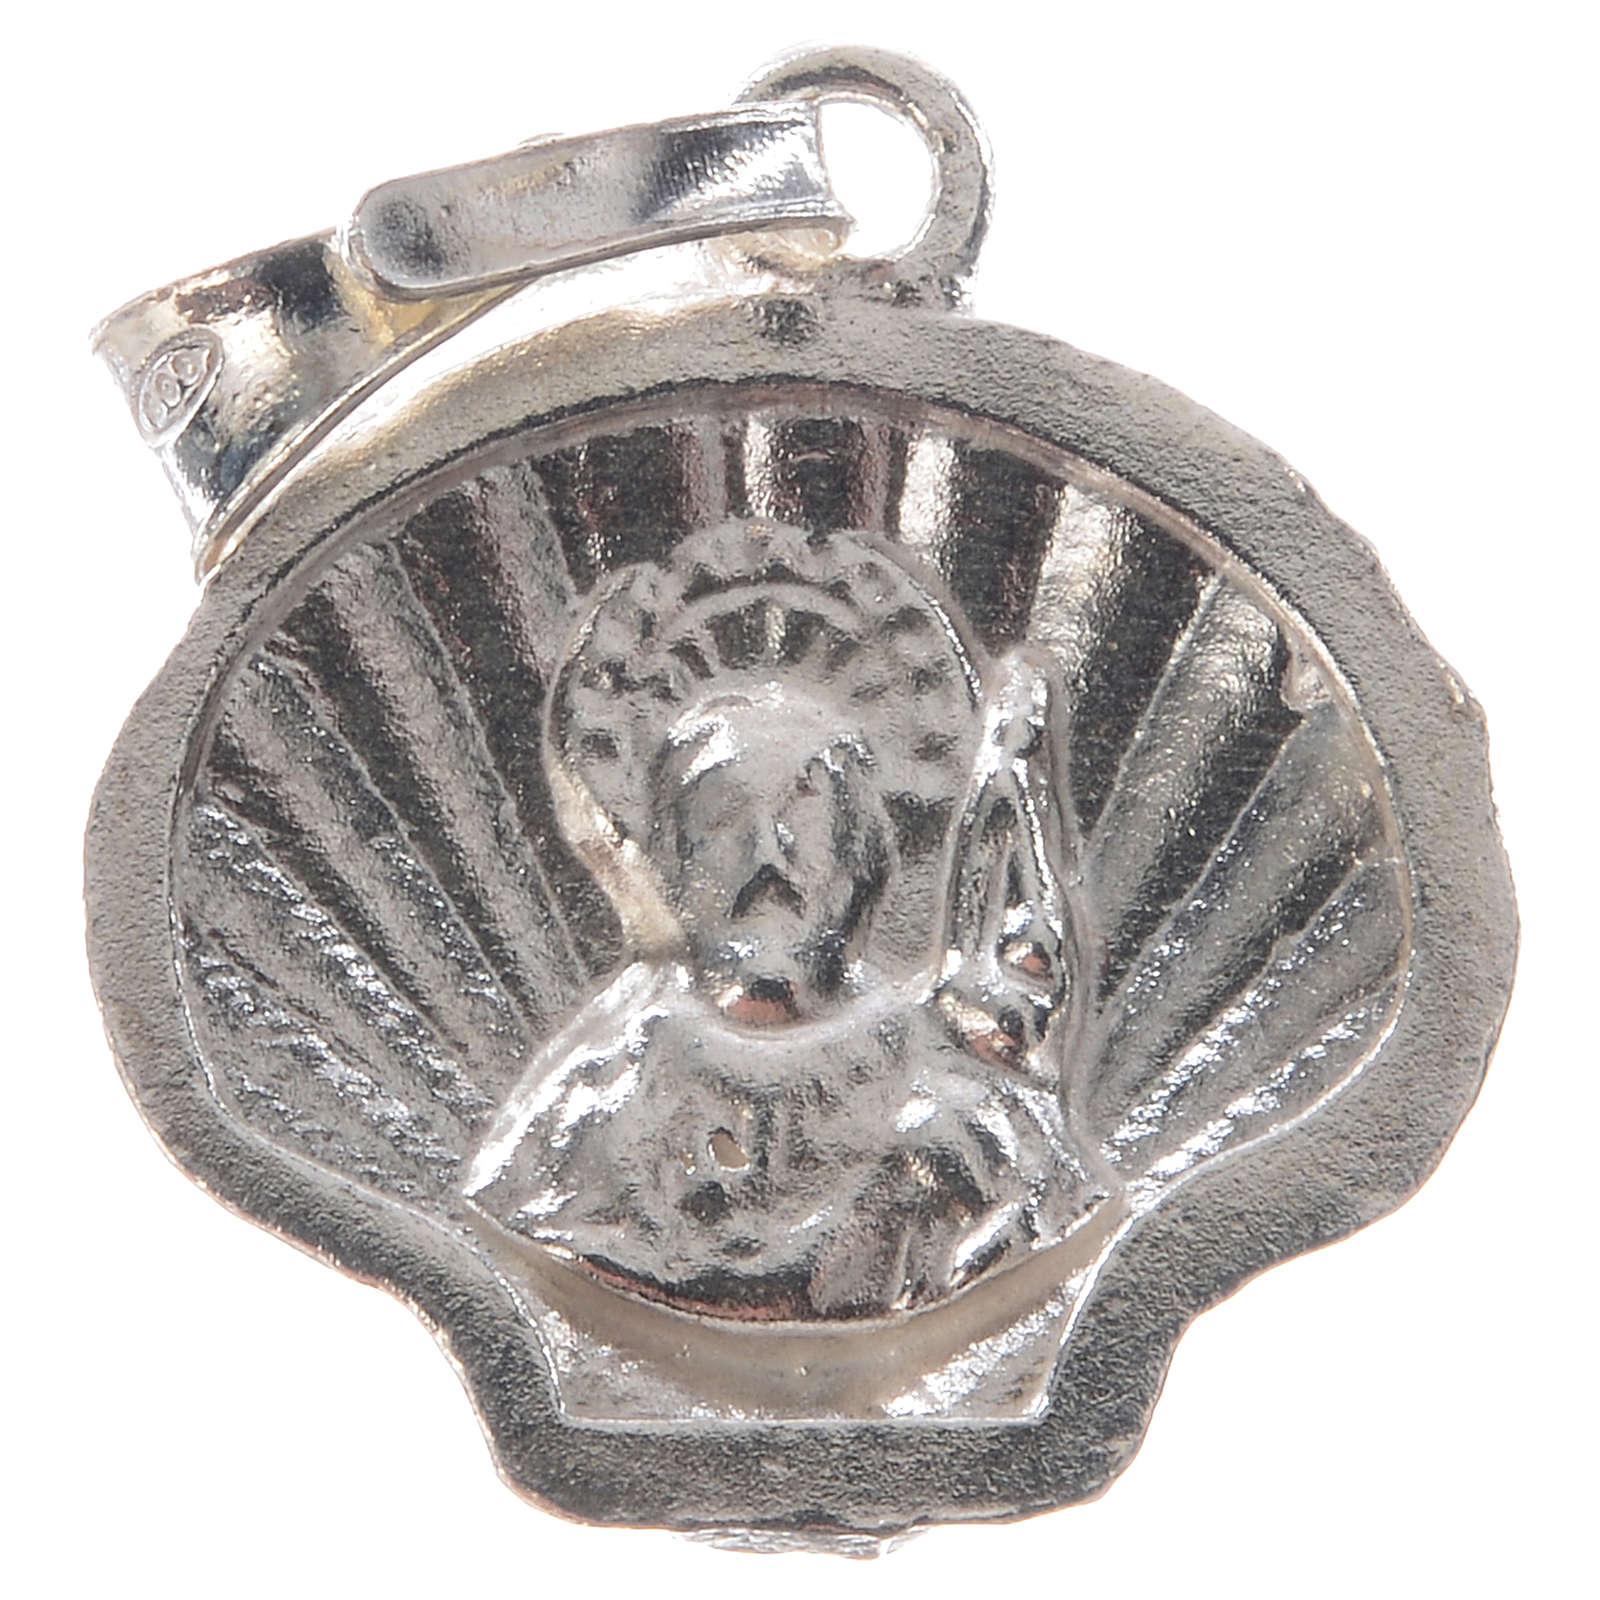 Łańcuszek medalik srebro 925 Santiago z Compostela 4